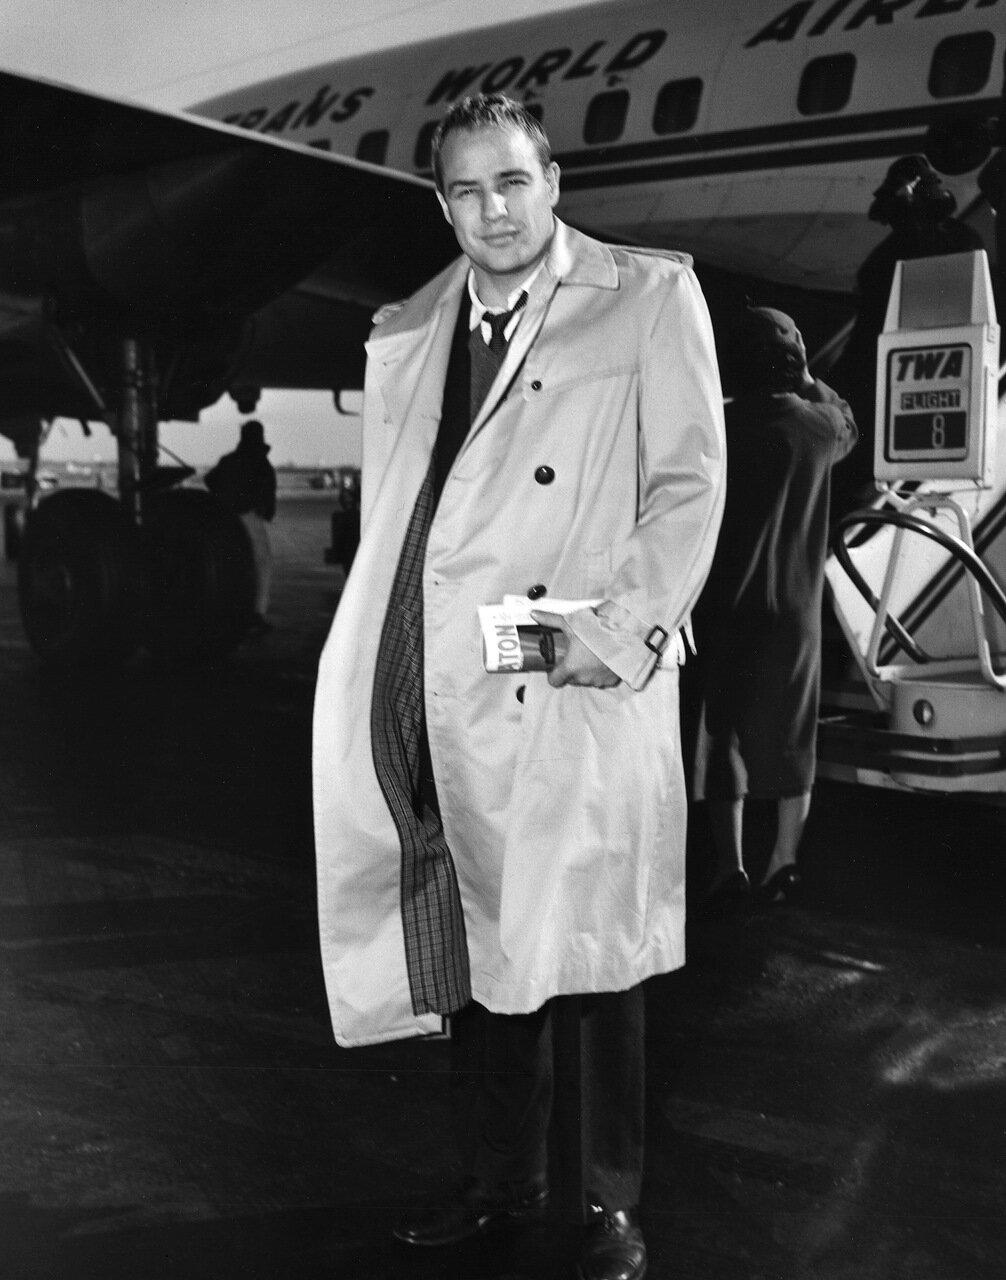 Actor Marlon Brando